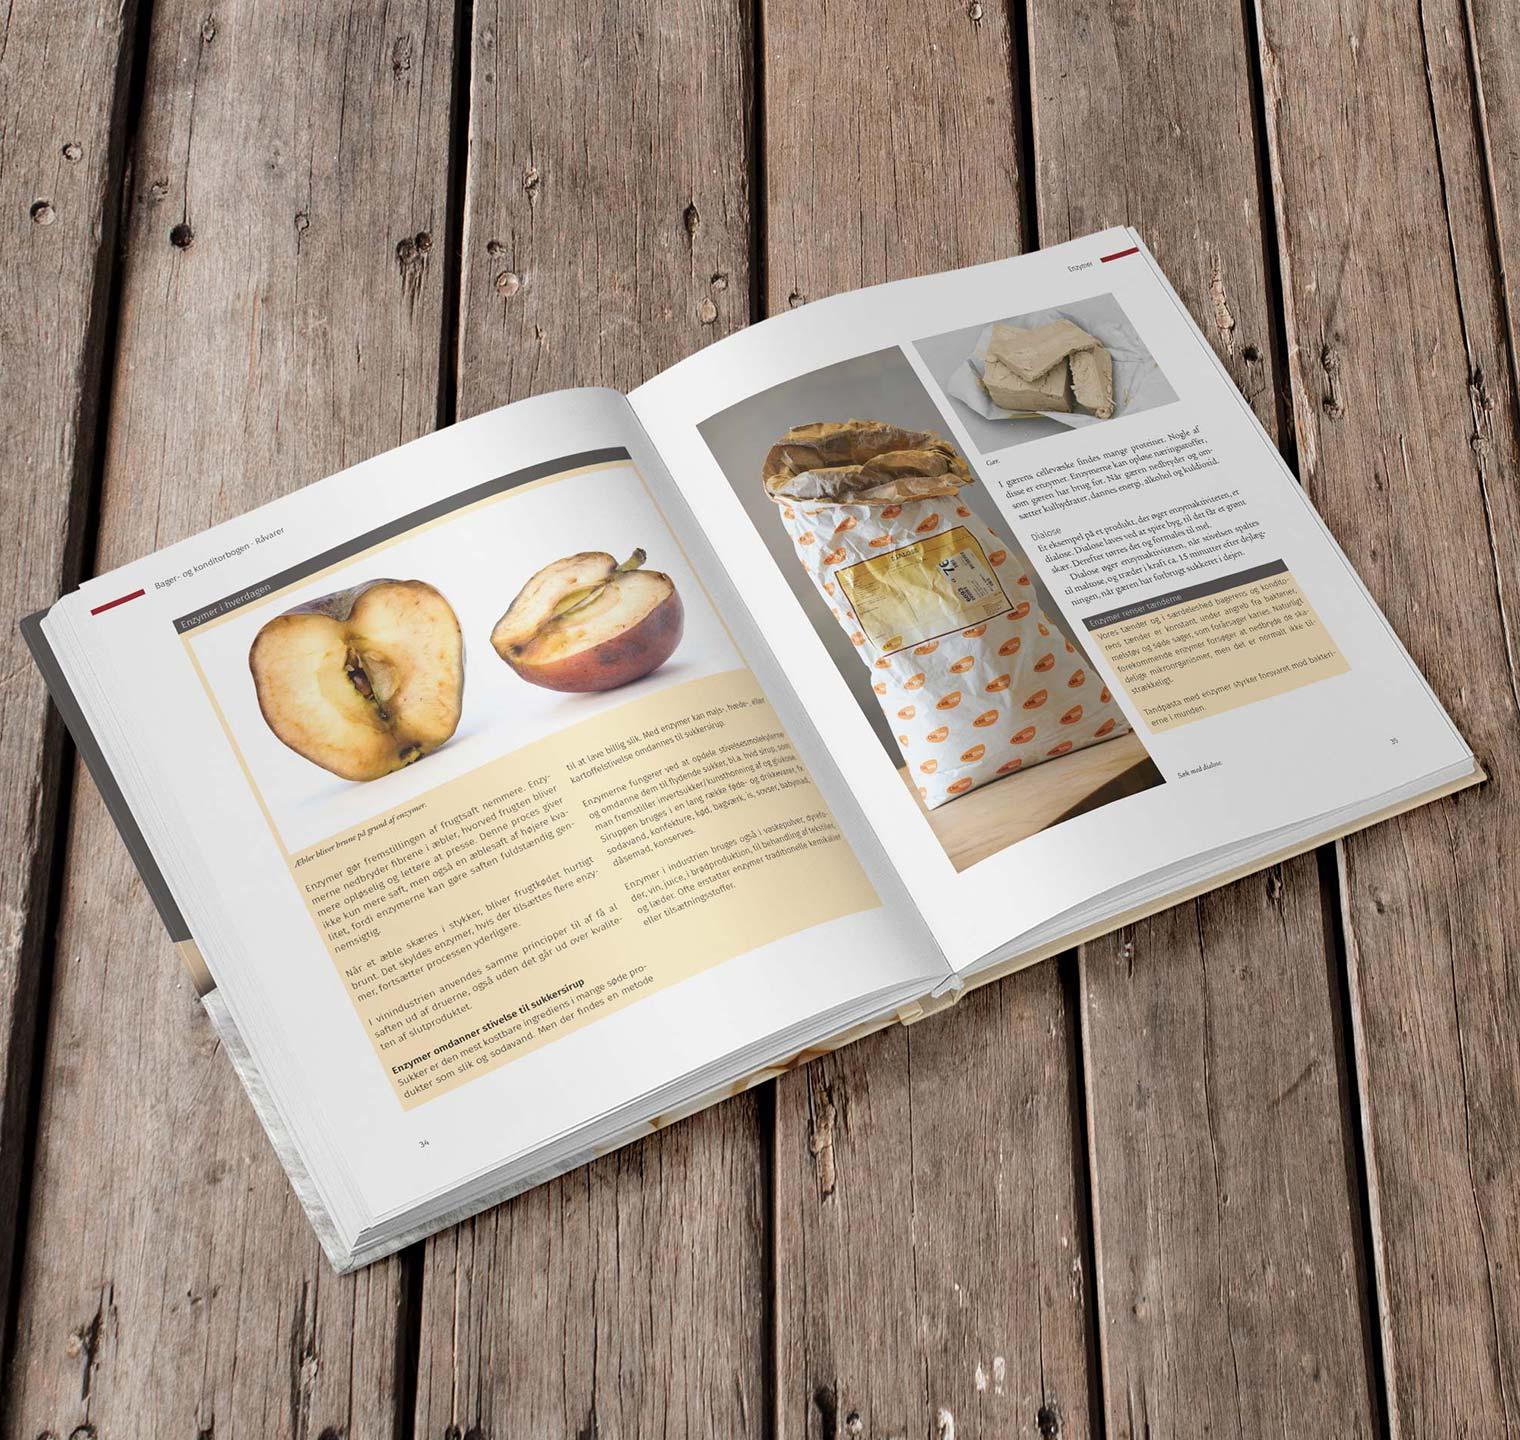 Bager- og konditorbogen - Design og sats: Omslag og indhold, 5 fotooptagelser.